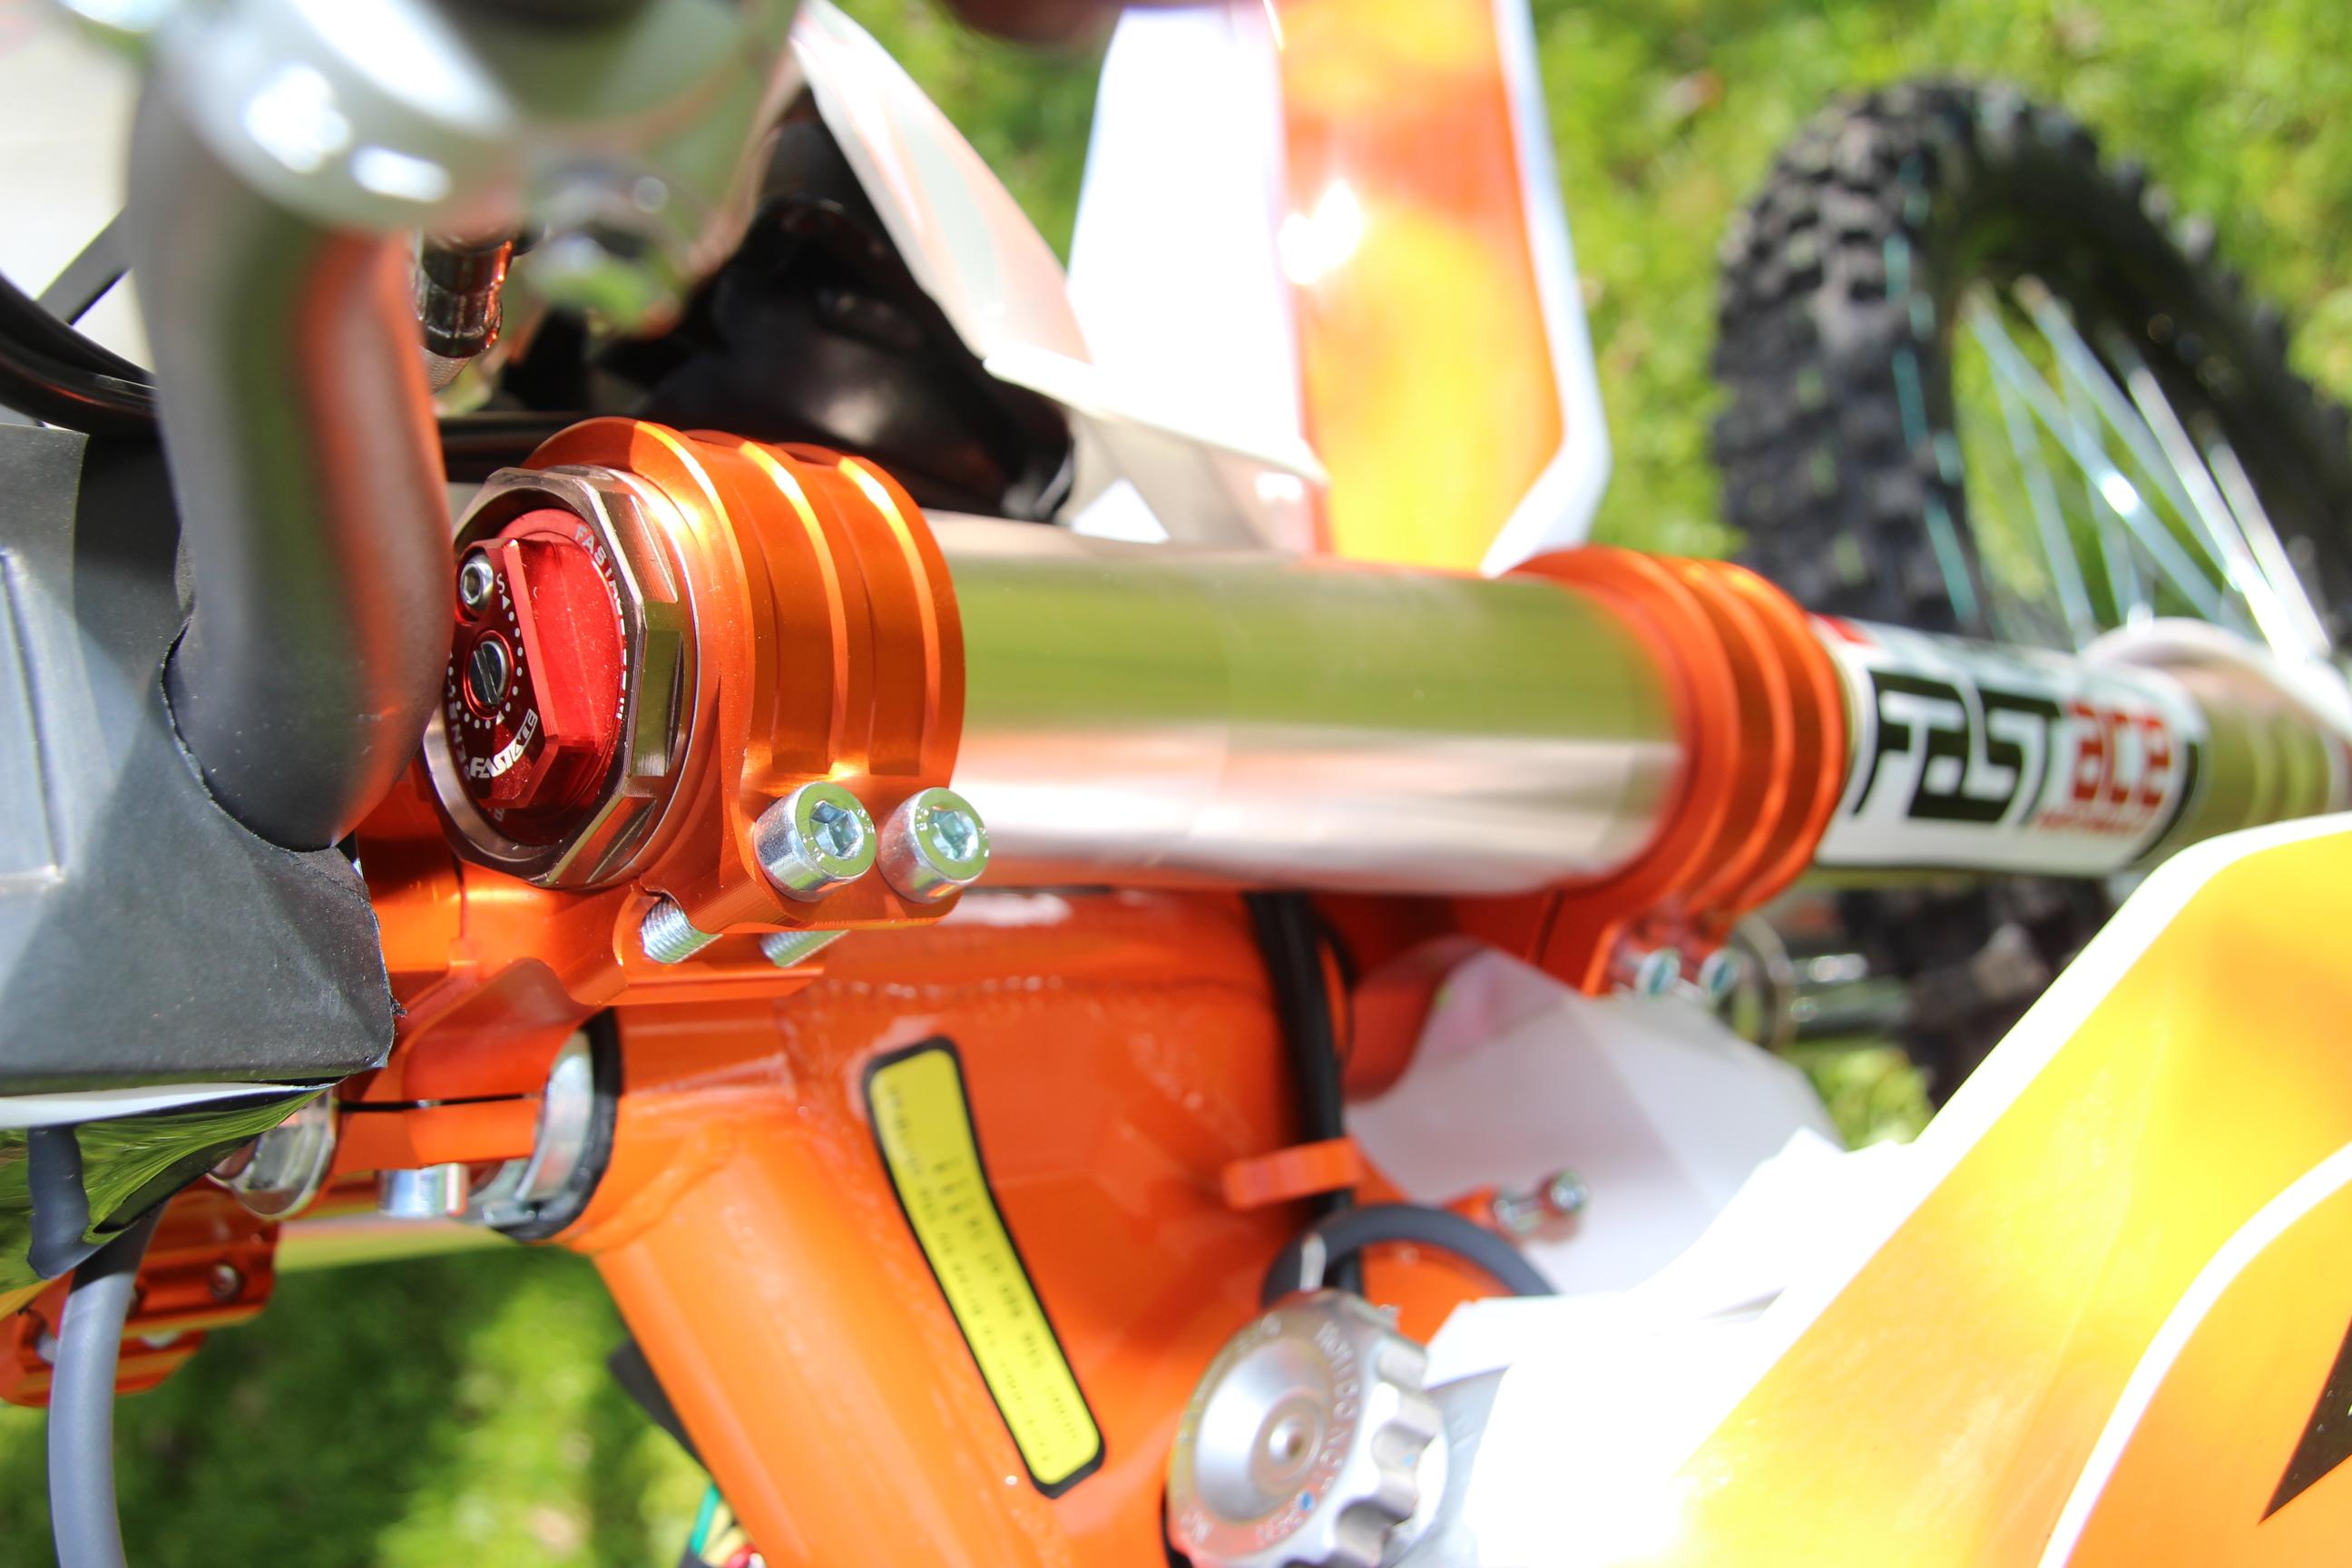 Обзор внедорожного мотоцикла Kayo К6